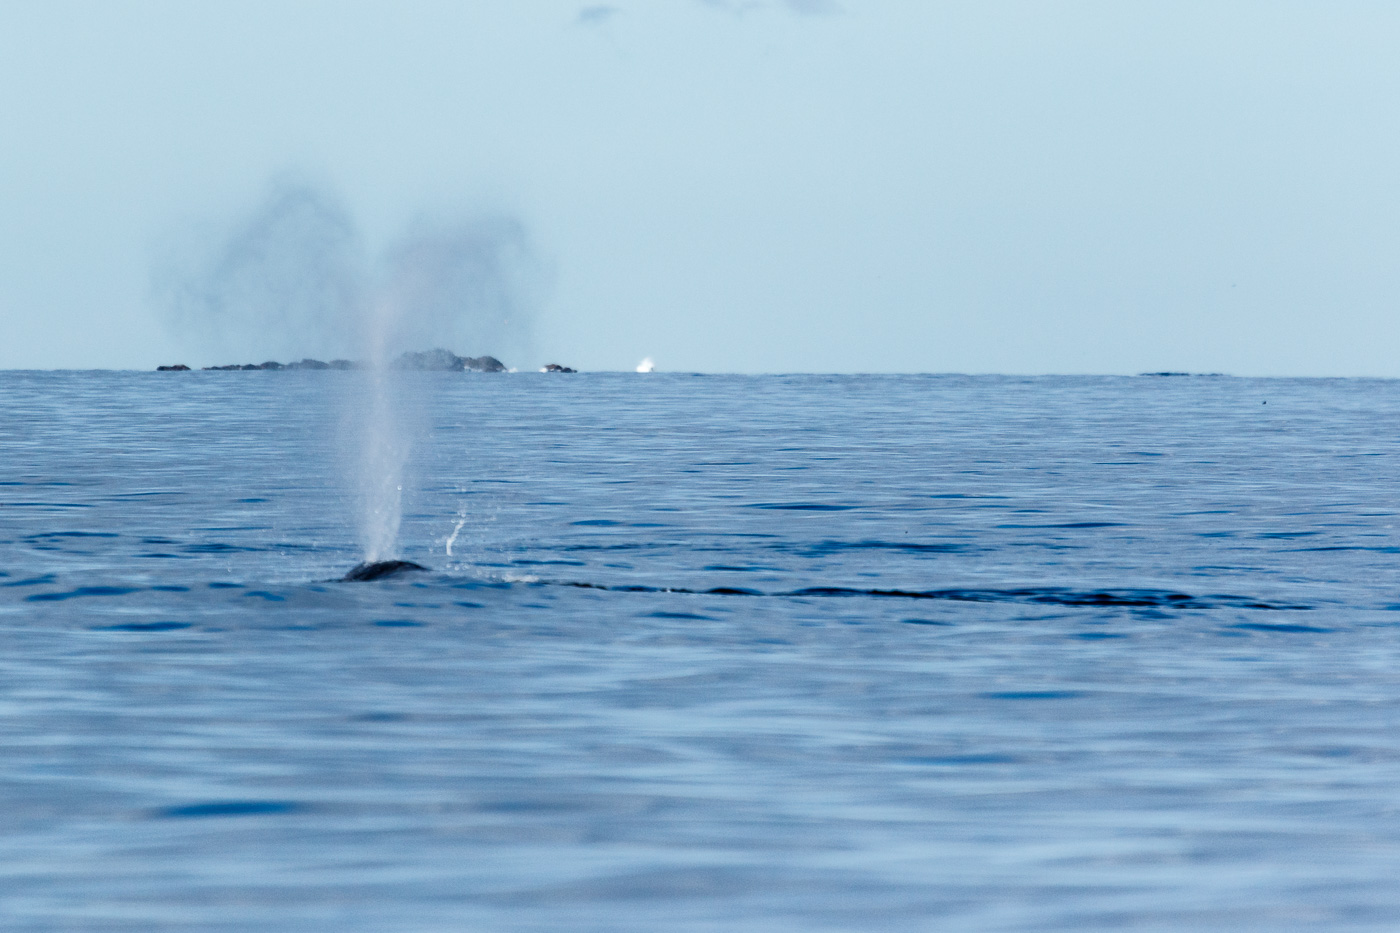 Gray Whale (Eschrichtius robustus), Vancouver island, Canada. - Fauna de Nord-Amèrica - Raül Carmona - Fotografia, Fotografia d'estudi, esdeveniments i Natura